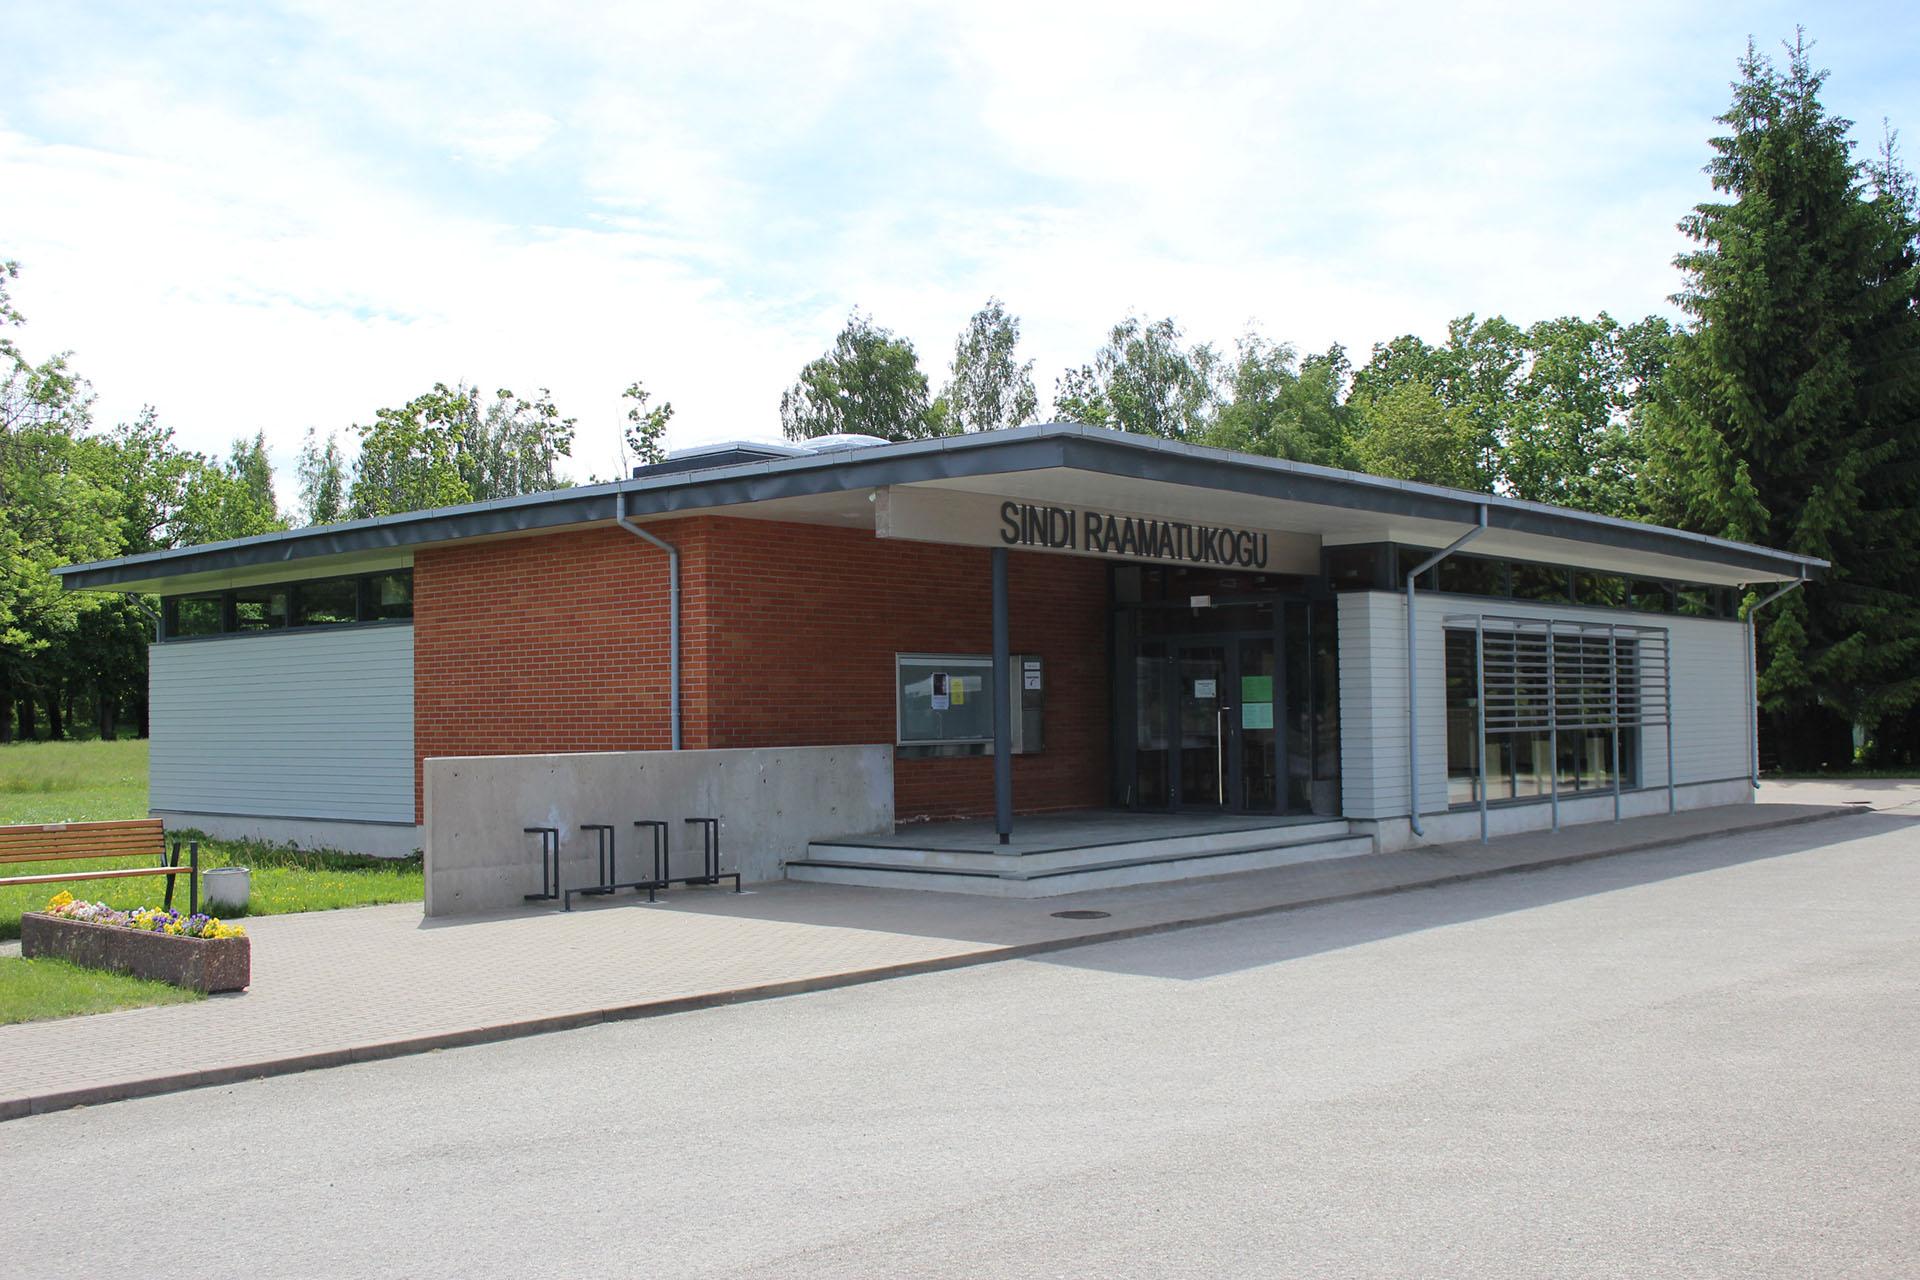 Sindi raamatukogu (1)